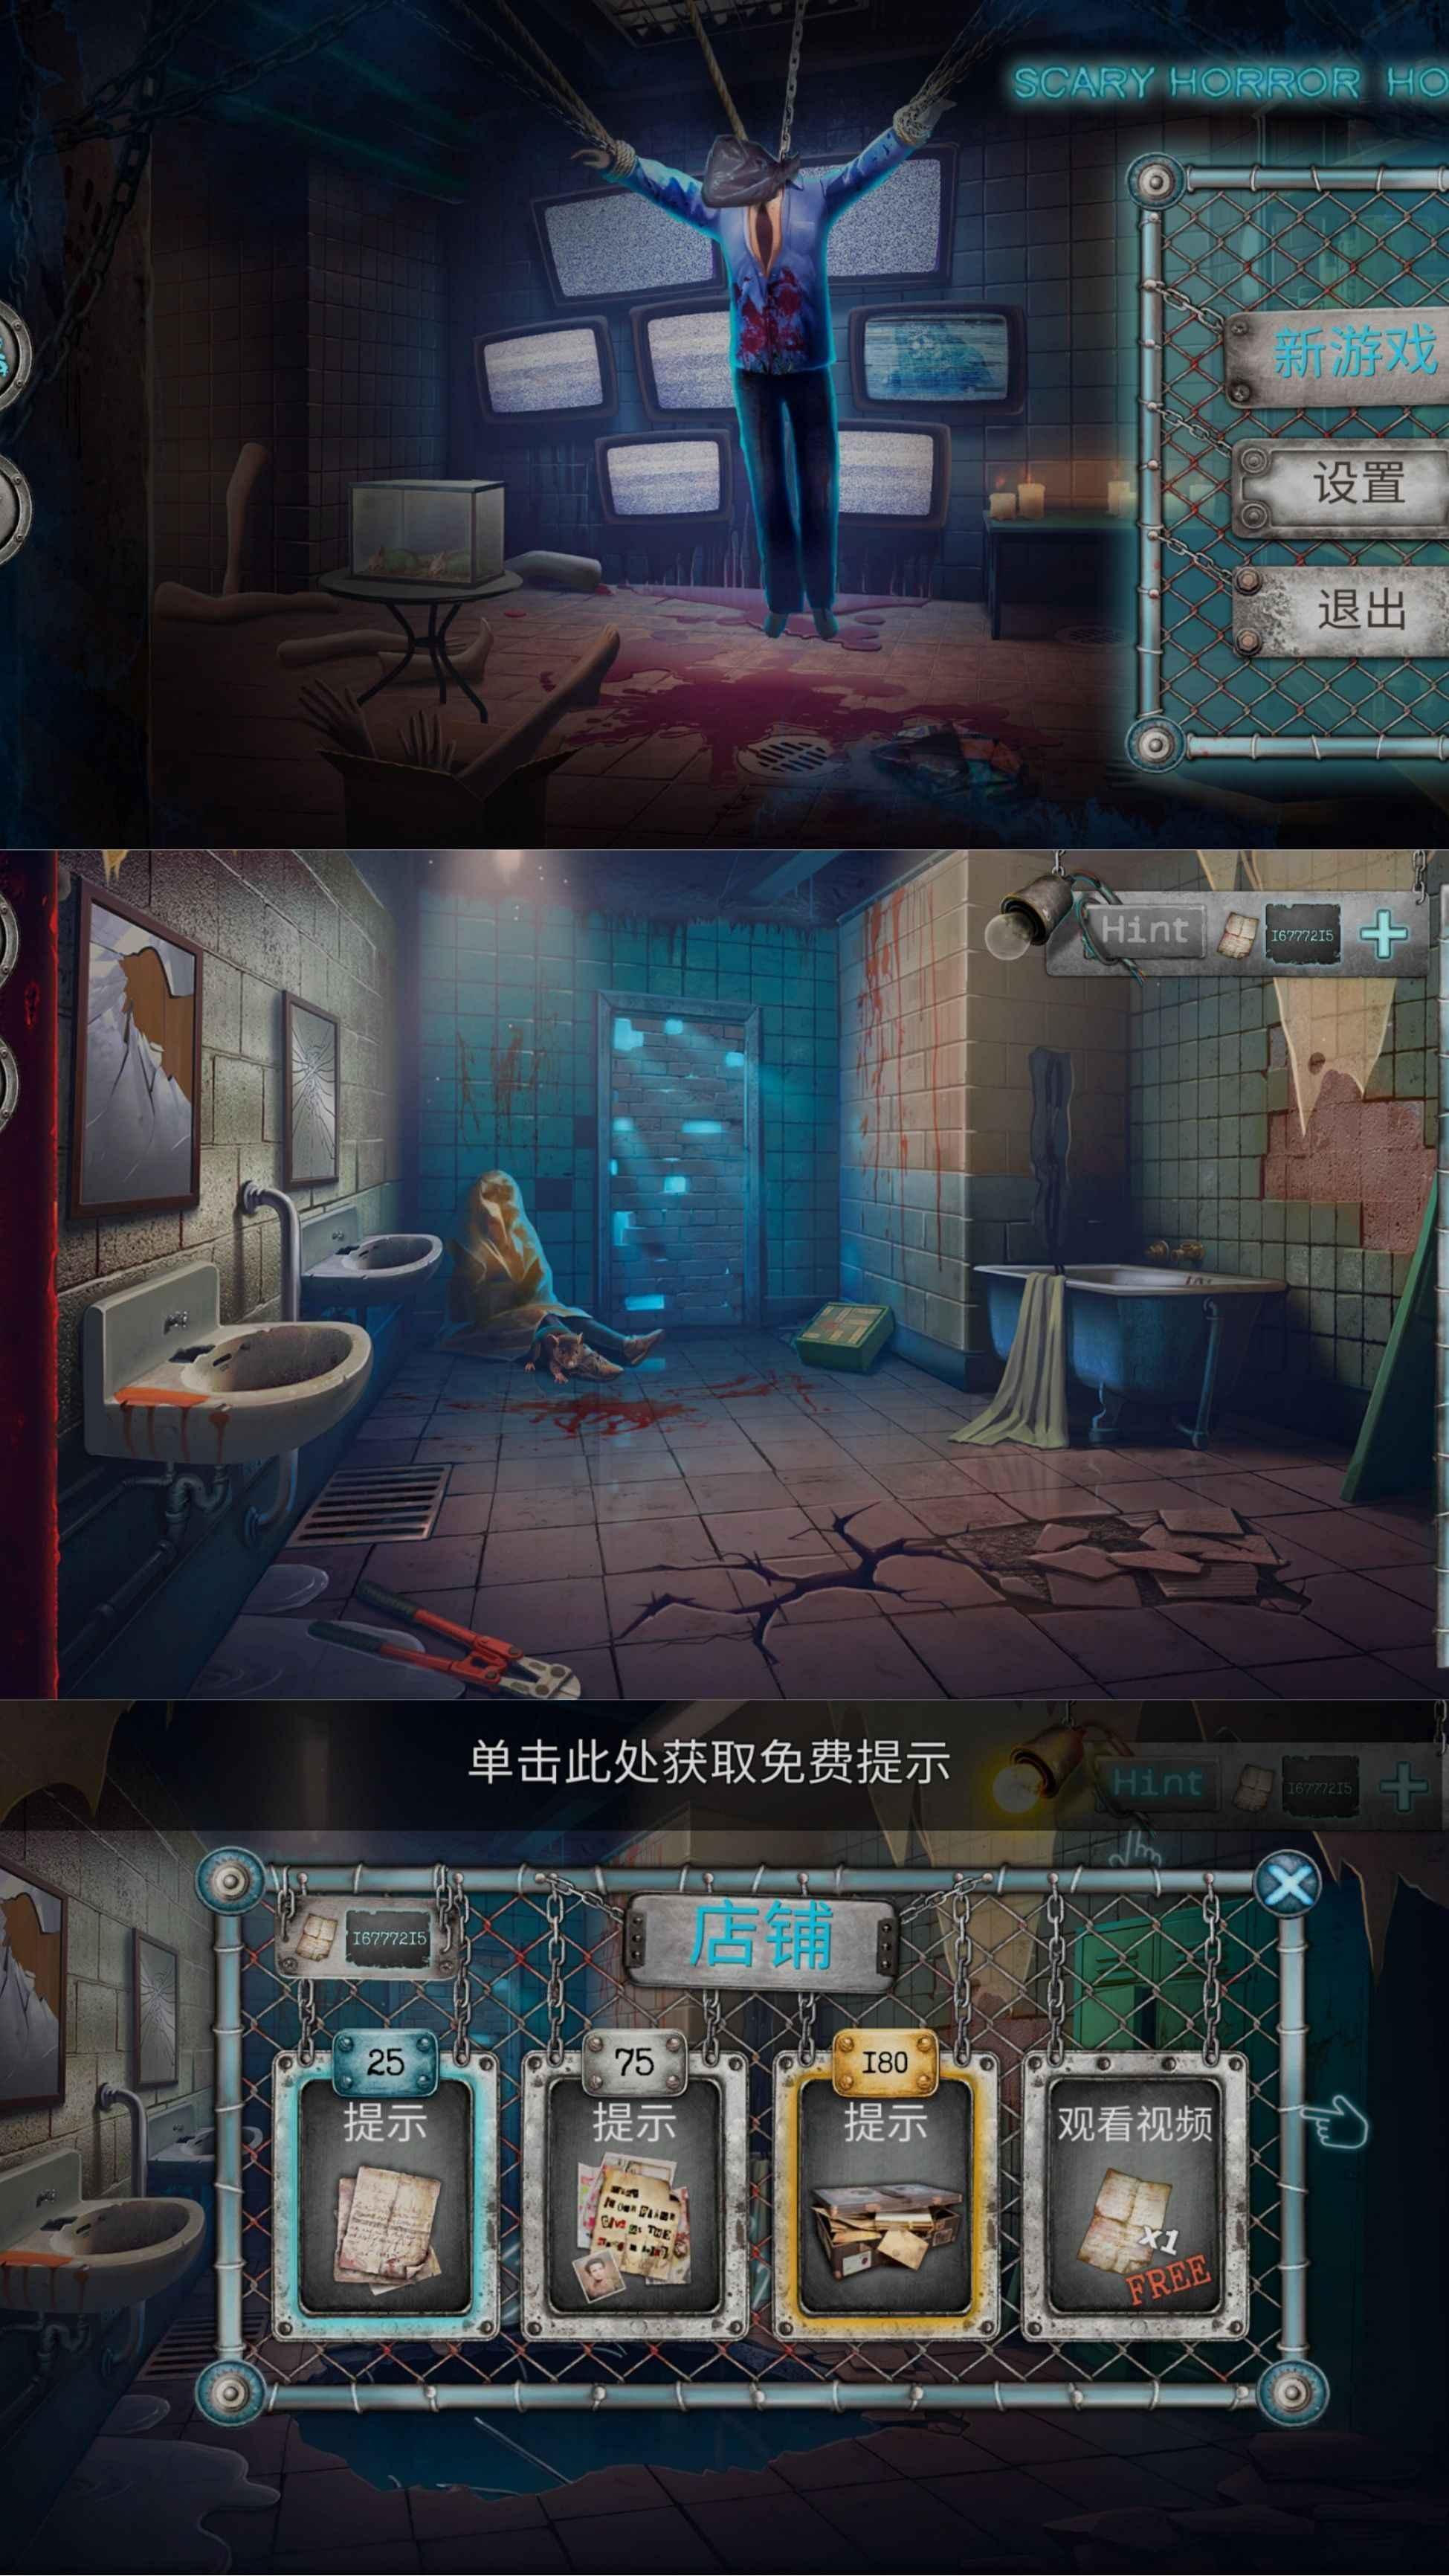 密室逃生 2: 恐怖游戏优化版截图1